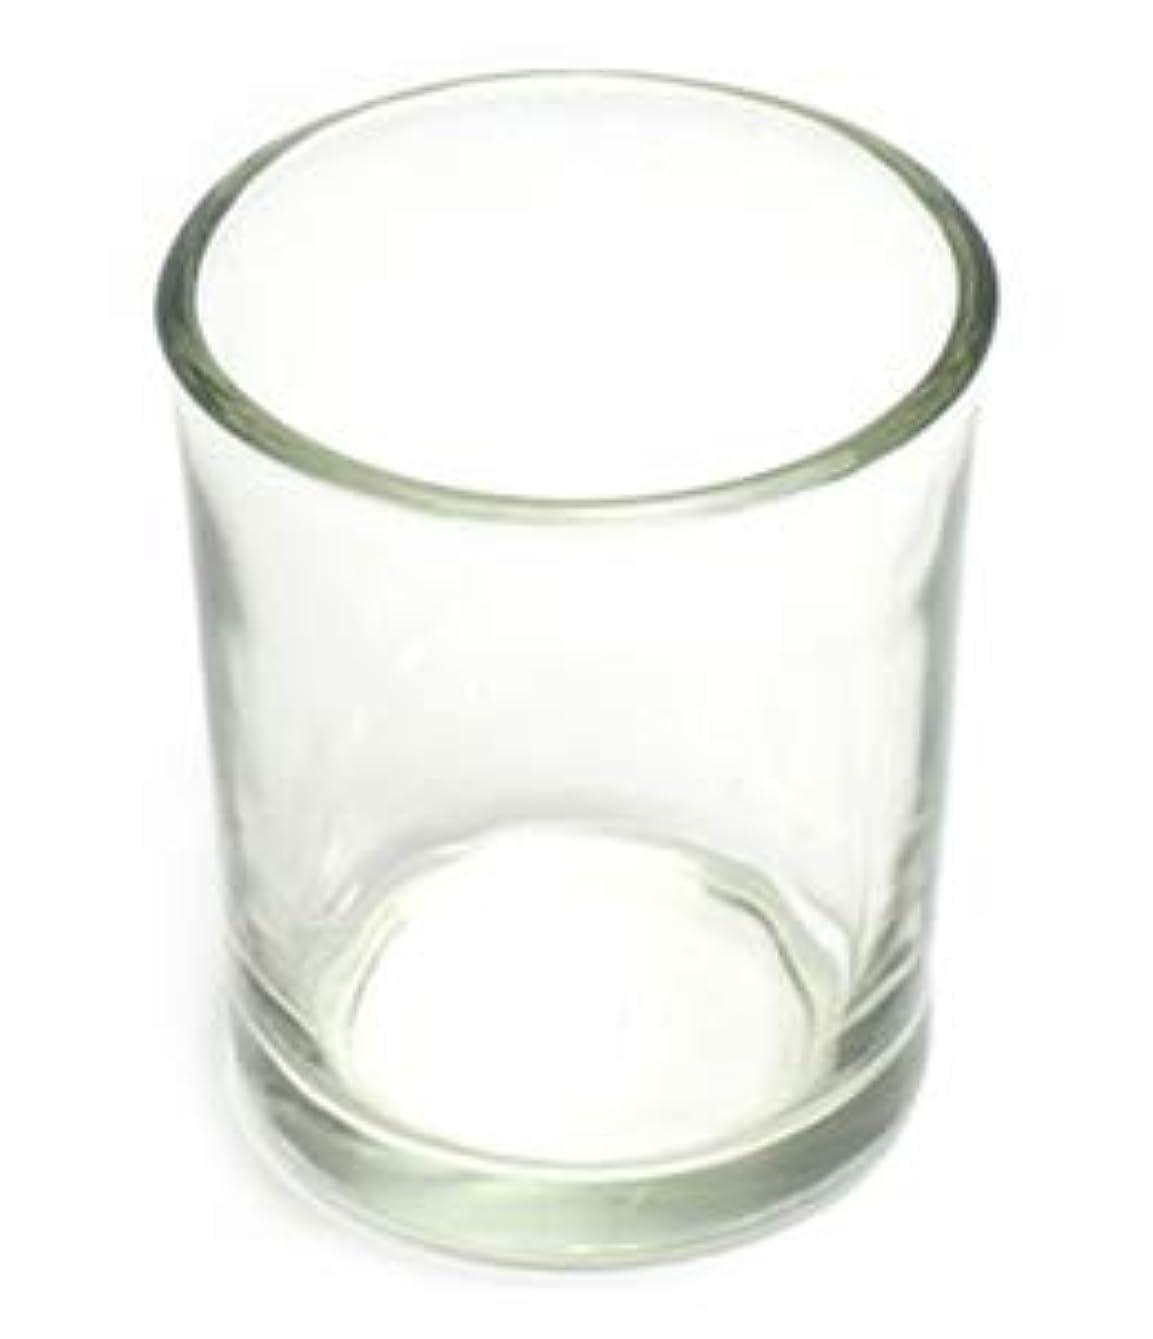 チャンバーもっと狂人キャンドルホルダー ガラス シンプル[小] 192個【キャンドルスタンド 透明 クリア おしゃれ ろうそく立て】